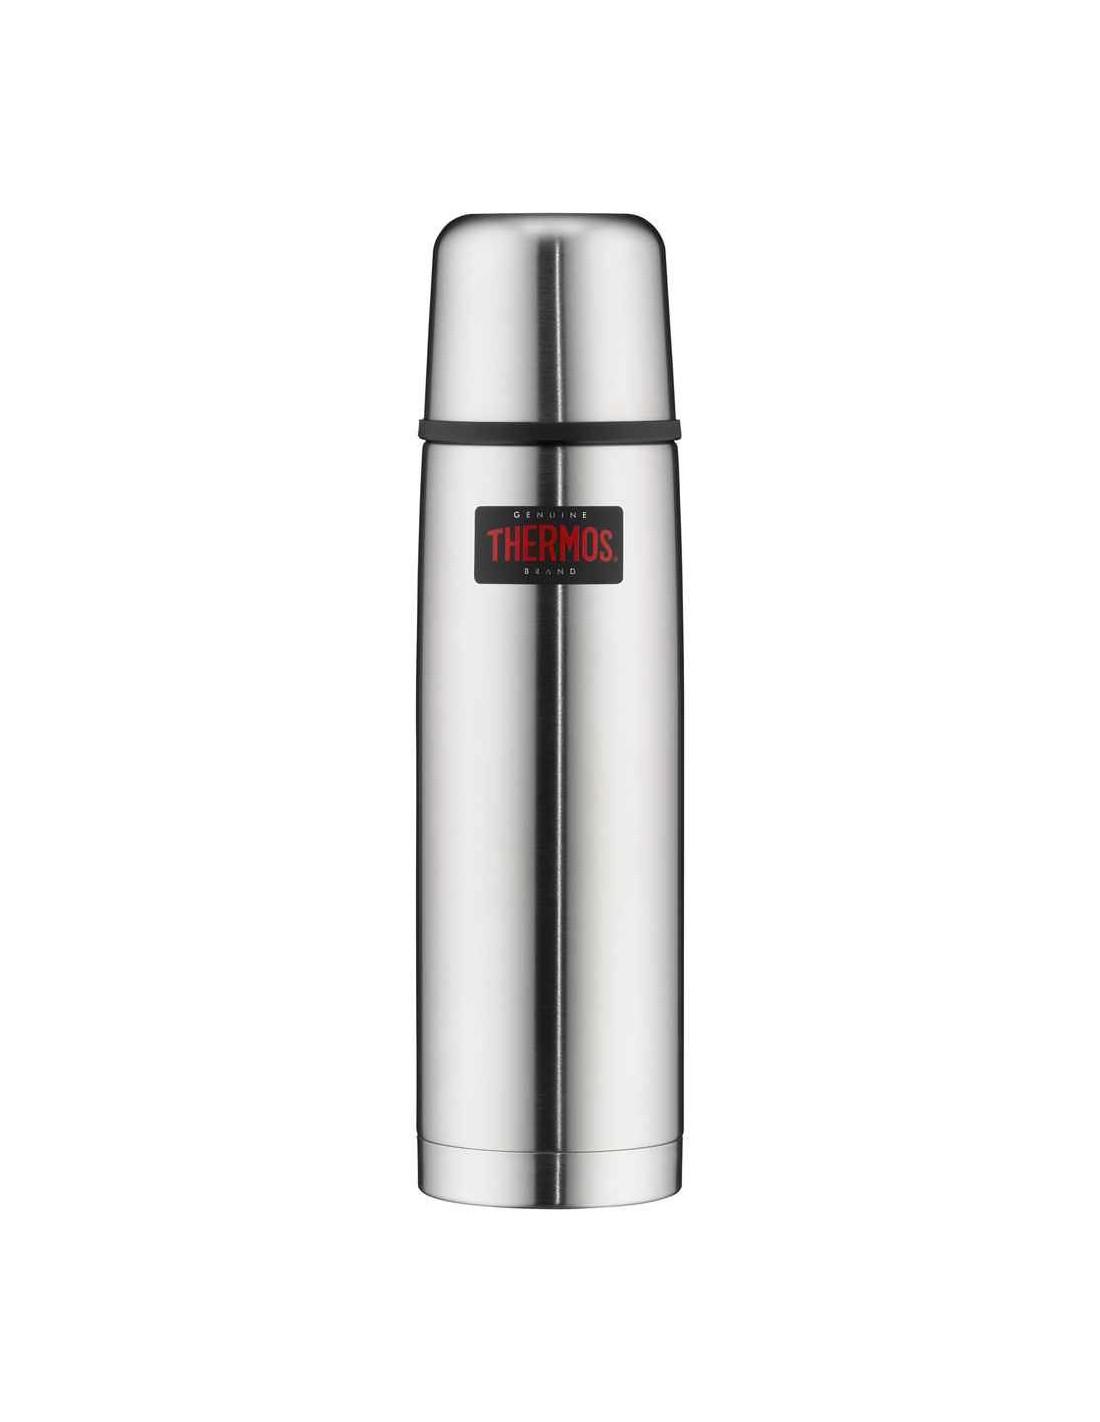 Thermos Edelstahl mattiert /stainless steel mat 0.75L Trinkflaschenfarbe - Silve